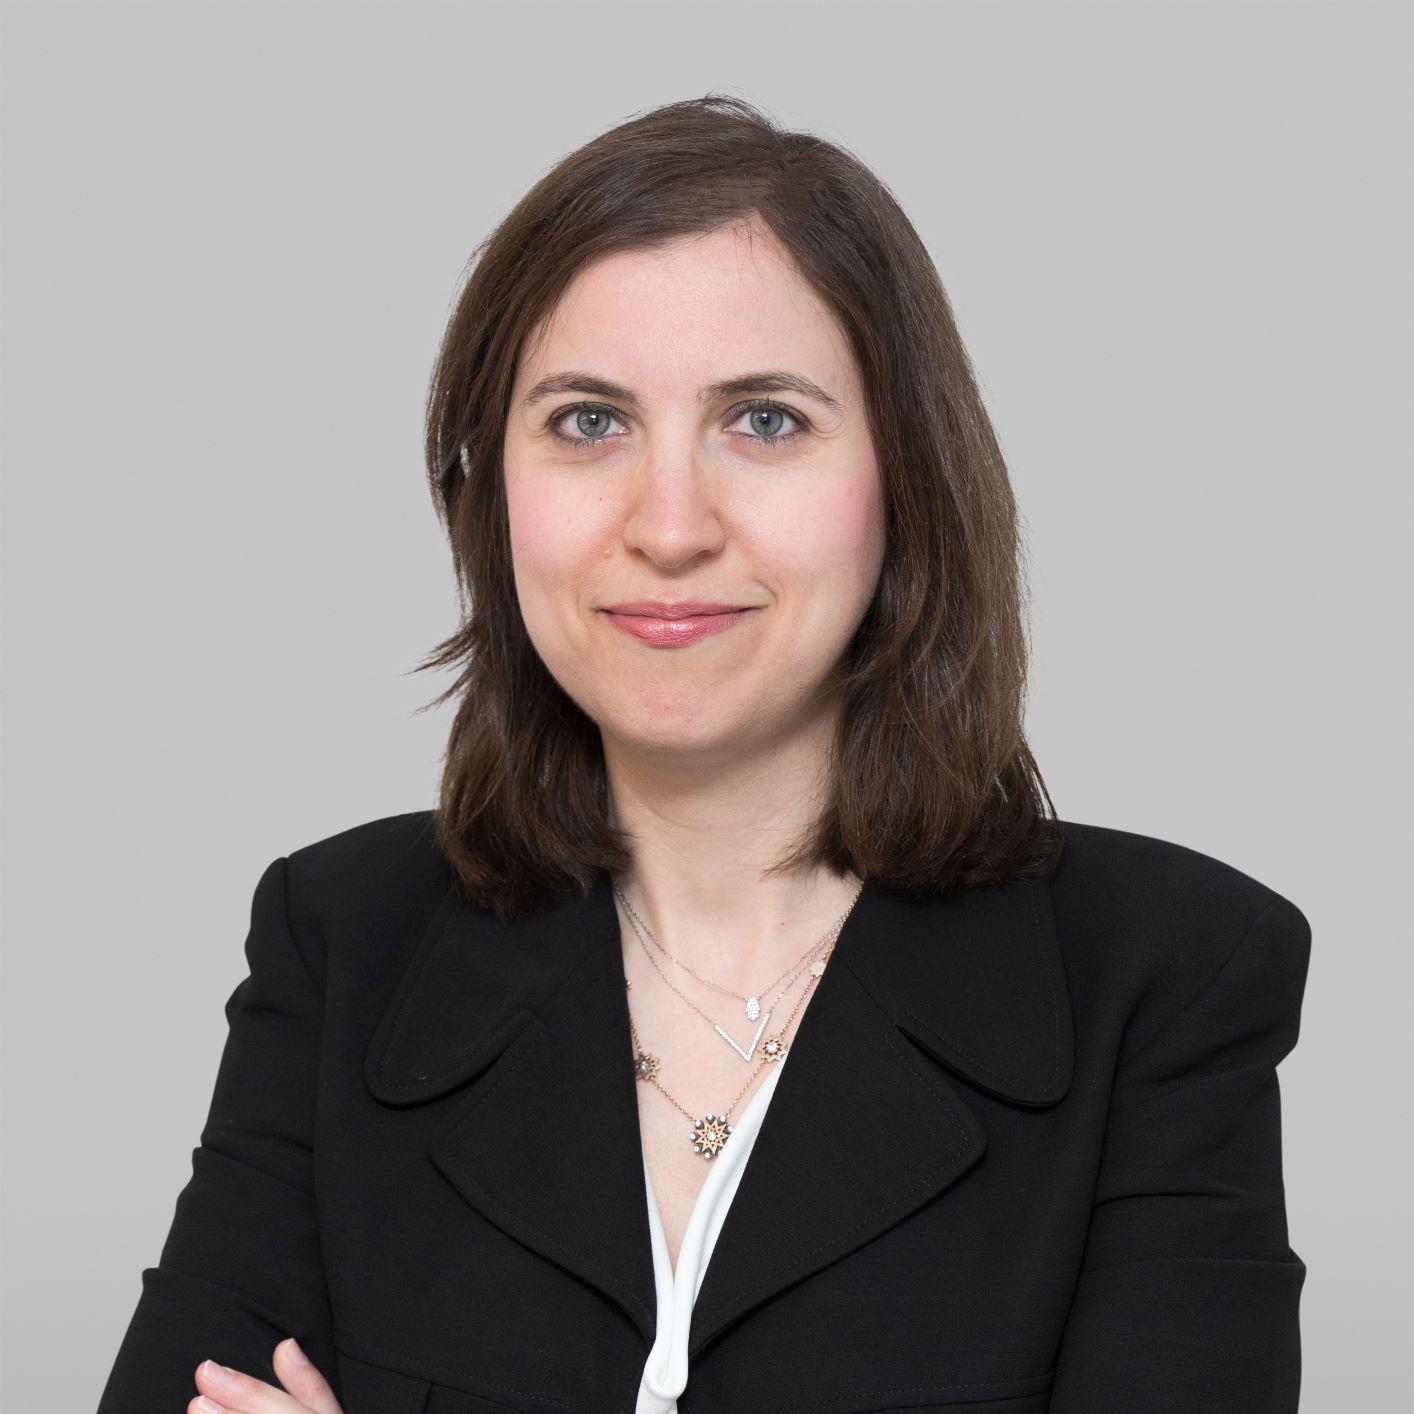 Helena Correia Mendonça